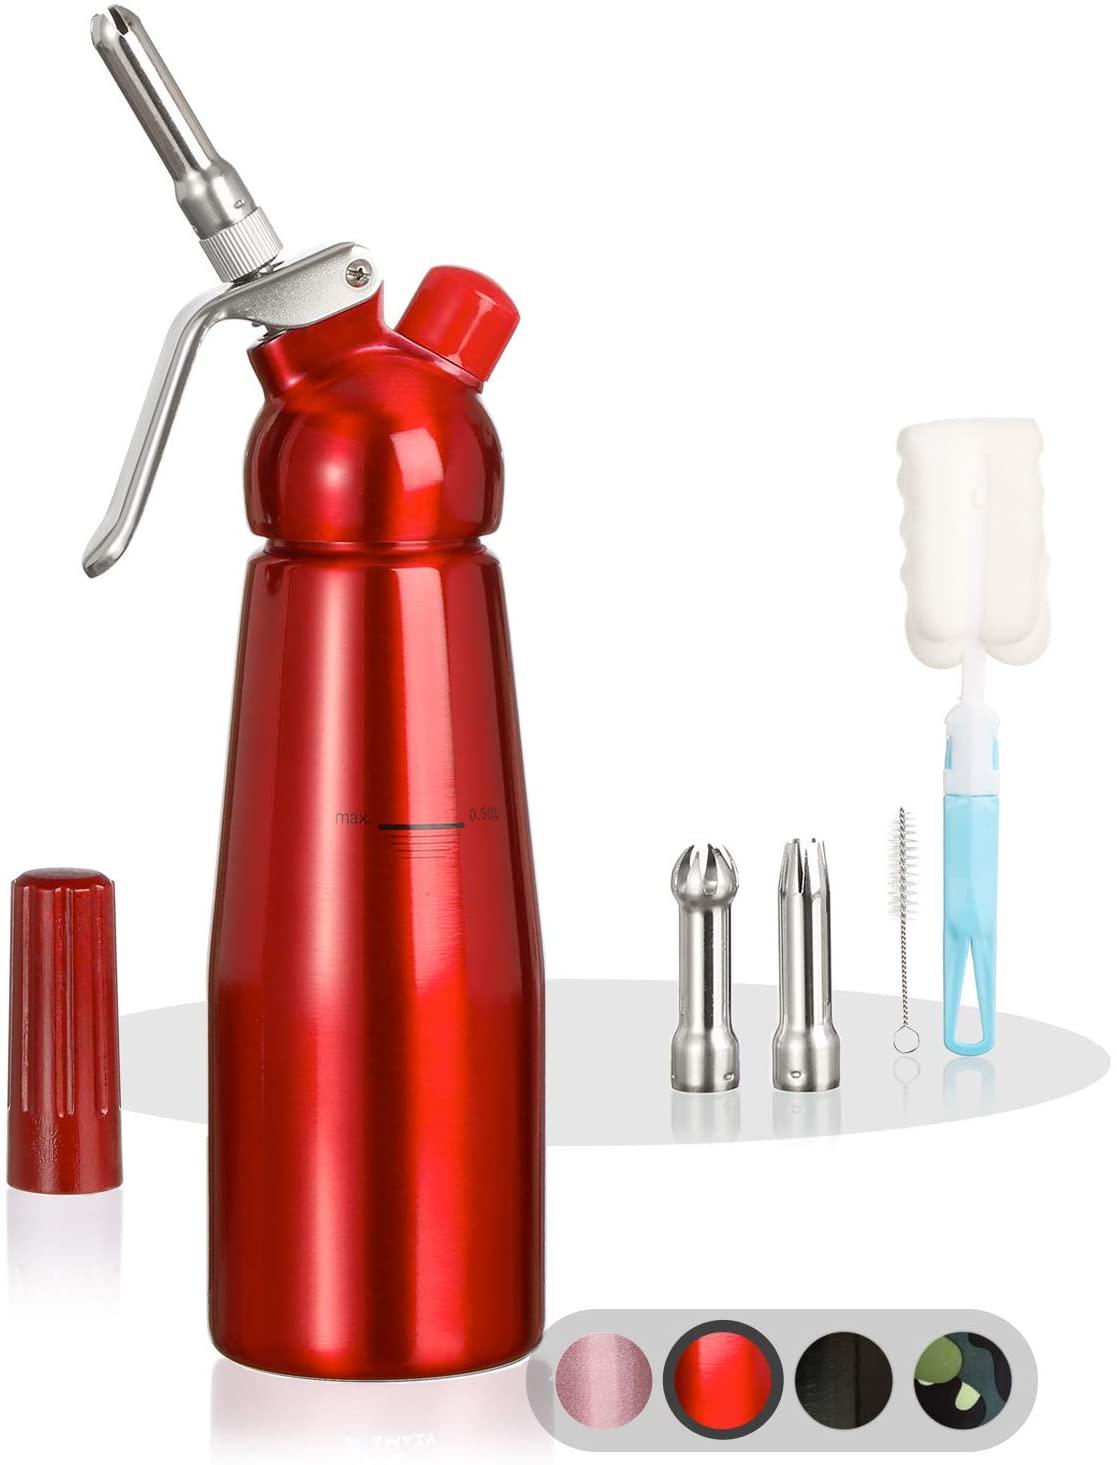 Amazy Sifon de cocina para espuma profesional - Incluye 3 accesorios decorativos de acero inoxidable y 1 cepillo (Rojo 500 ml) - Dispensador de nata montada para crema, nata, espuma y soda.